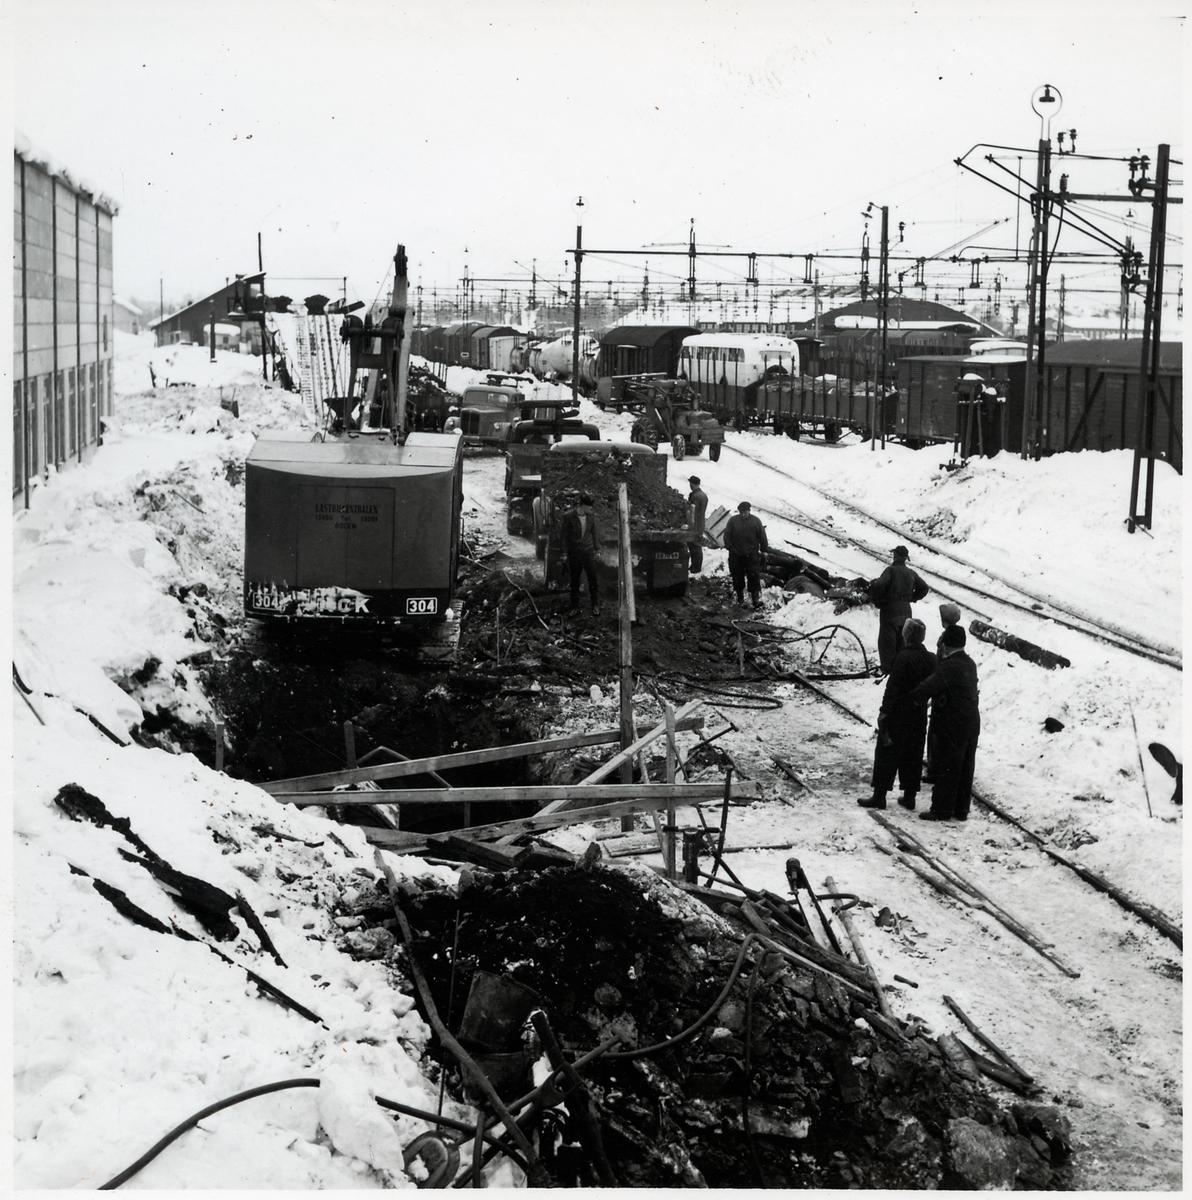 Lokstationen i Boden med grävmaskin 304.